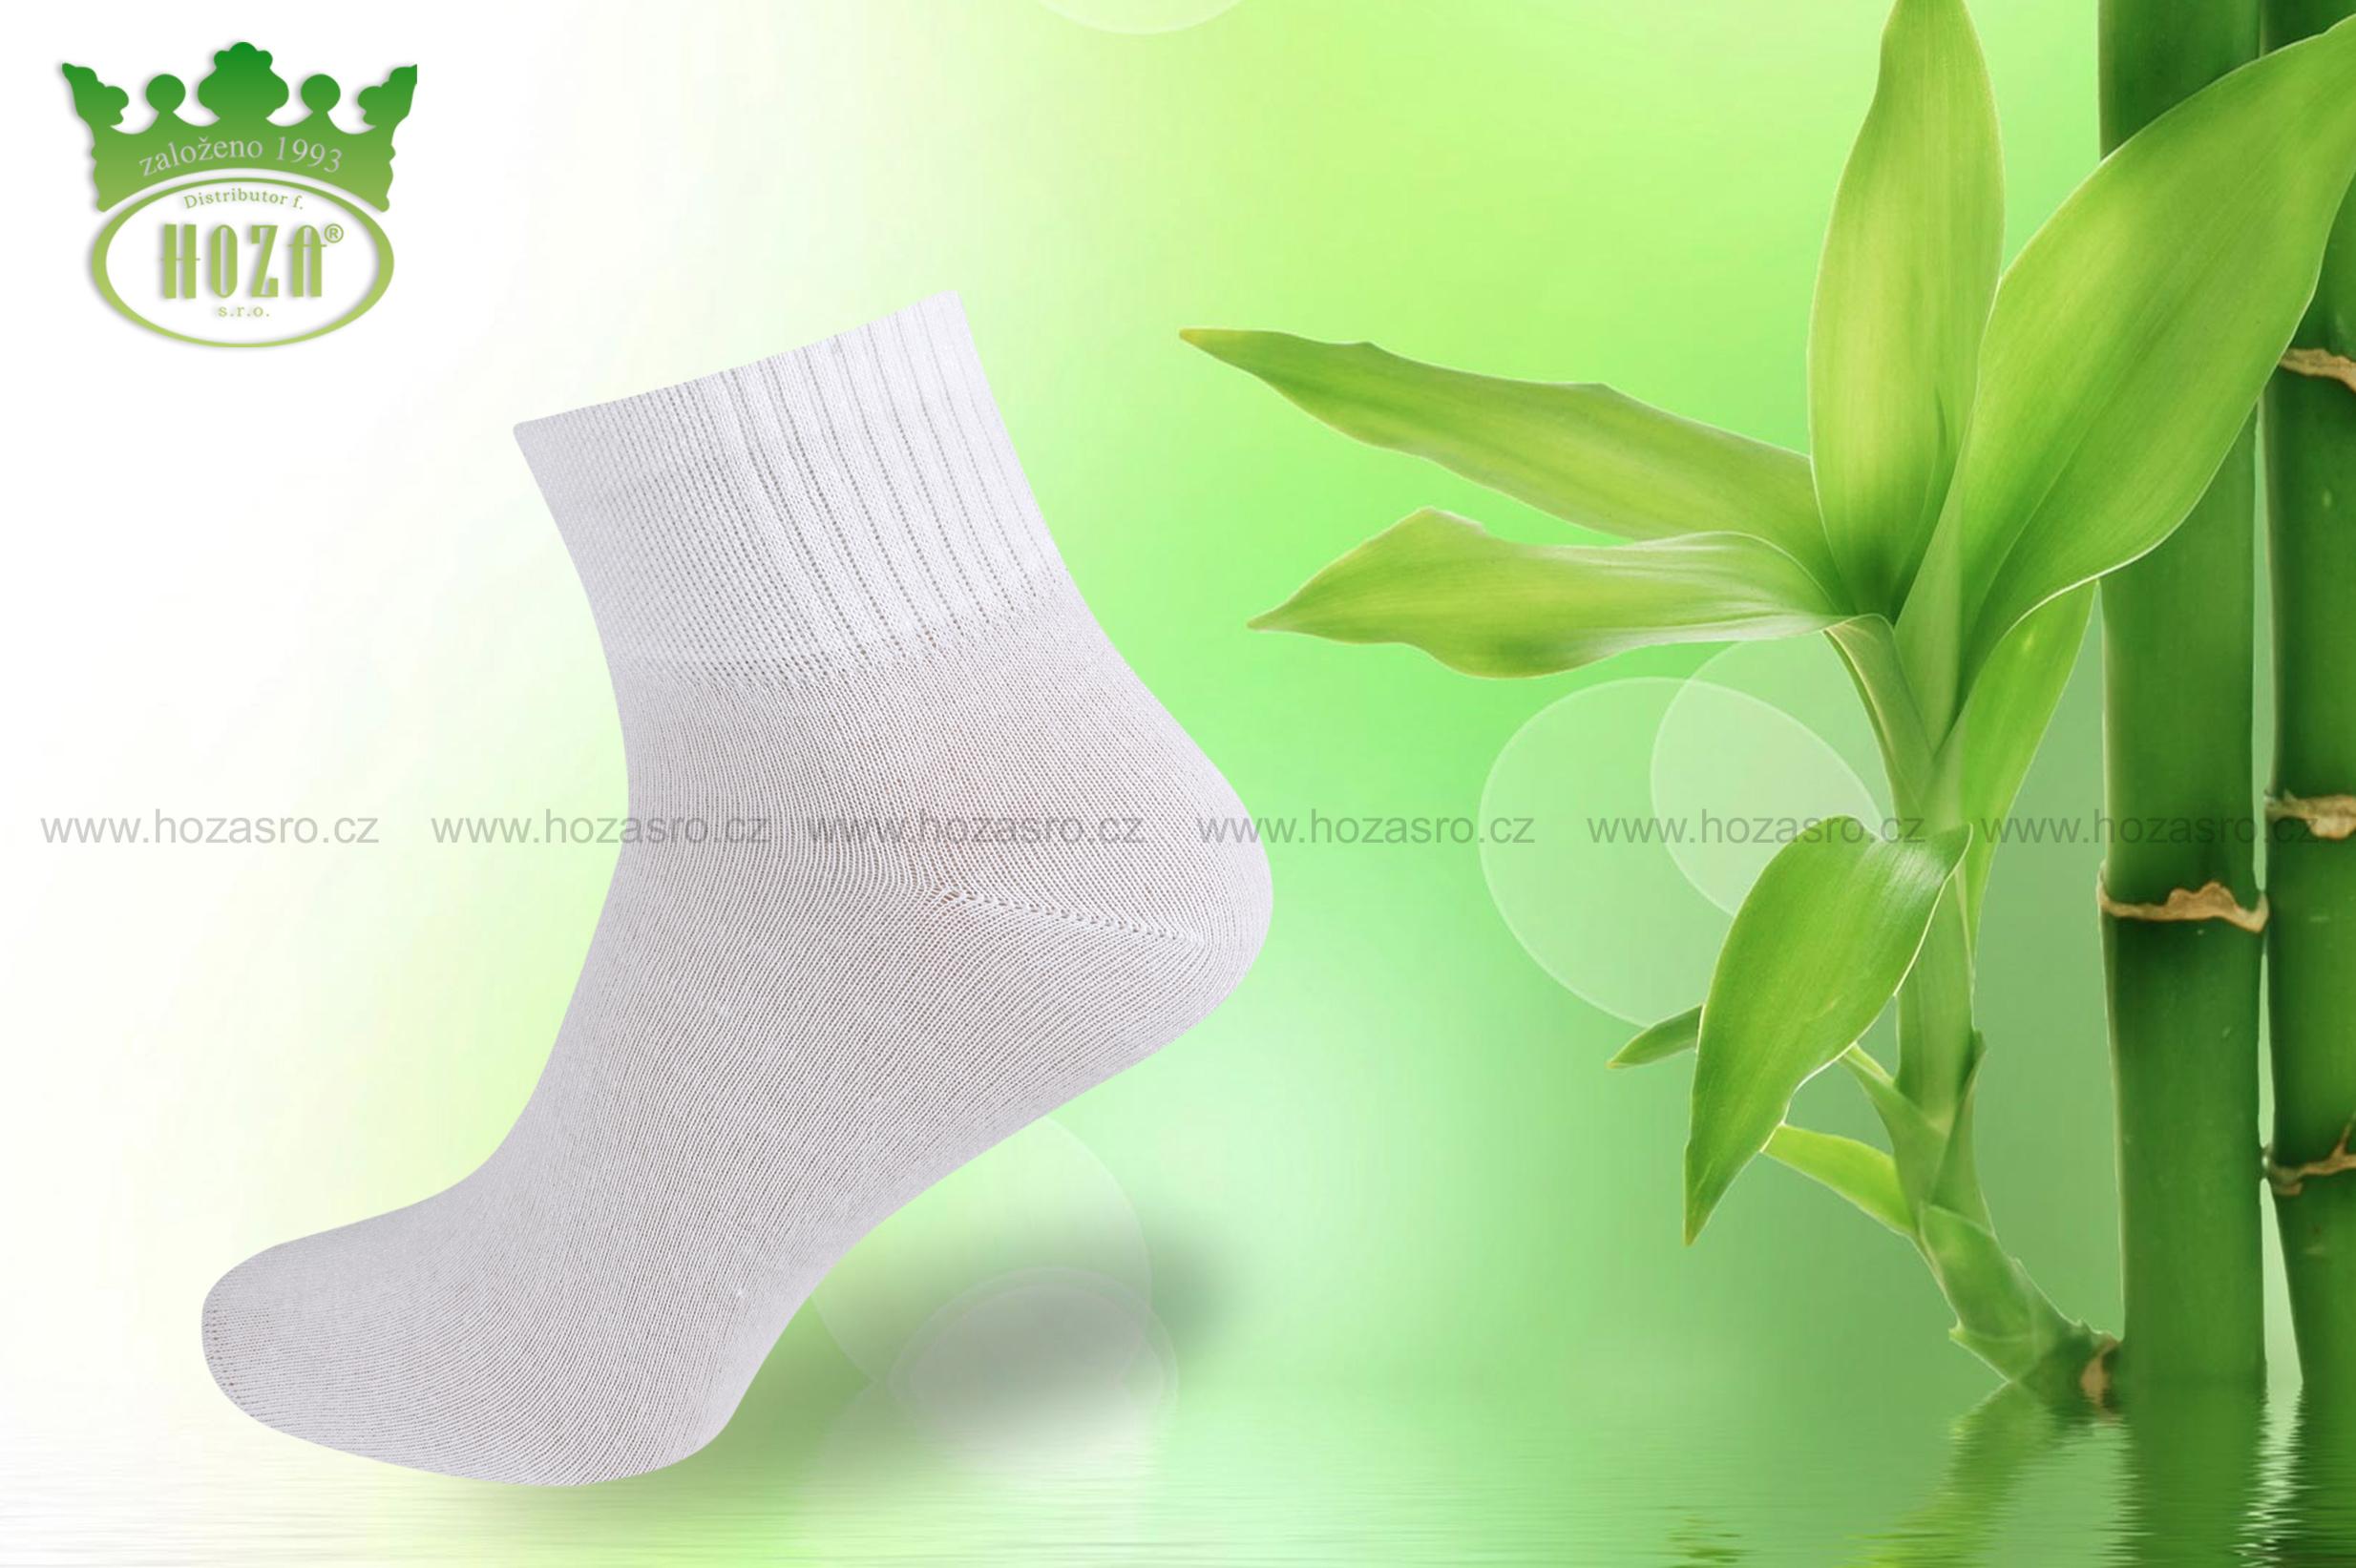 H5501 Pánské kotníkové antibakteriální bambusové ponožky HOZA. otevřít v  maximálním rozlišení 8fb06e4e93